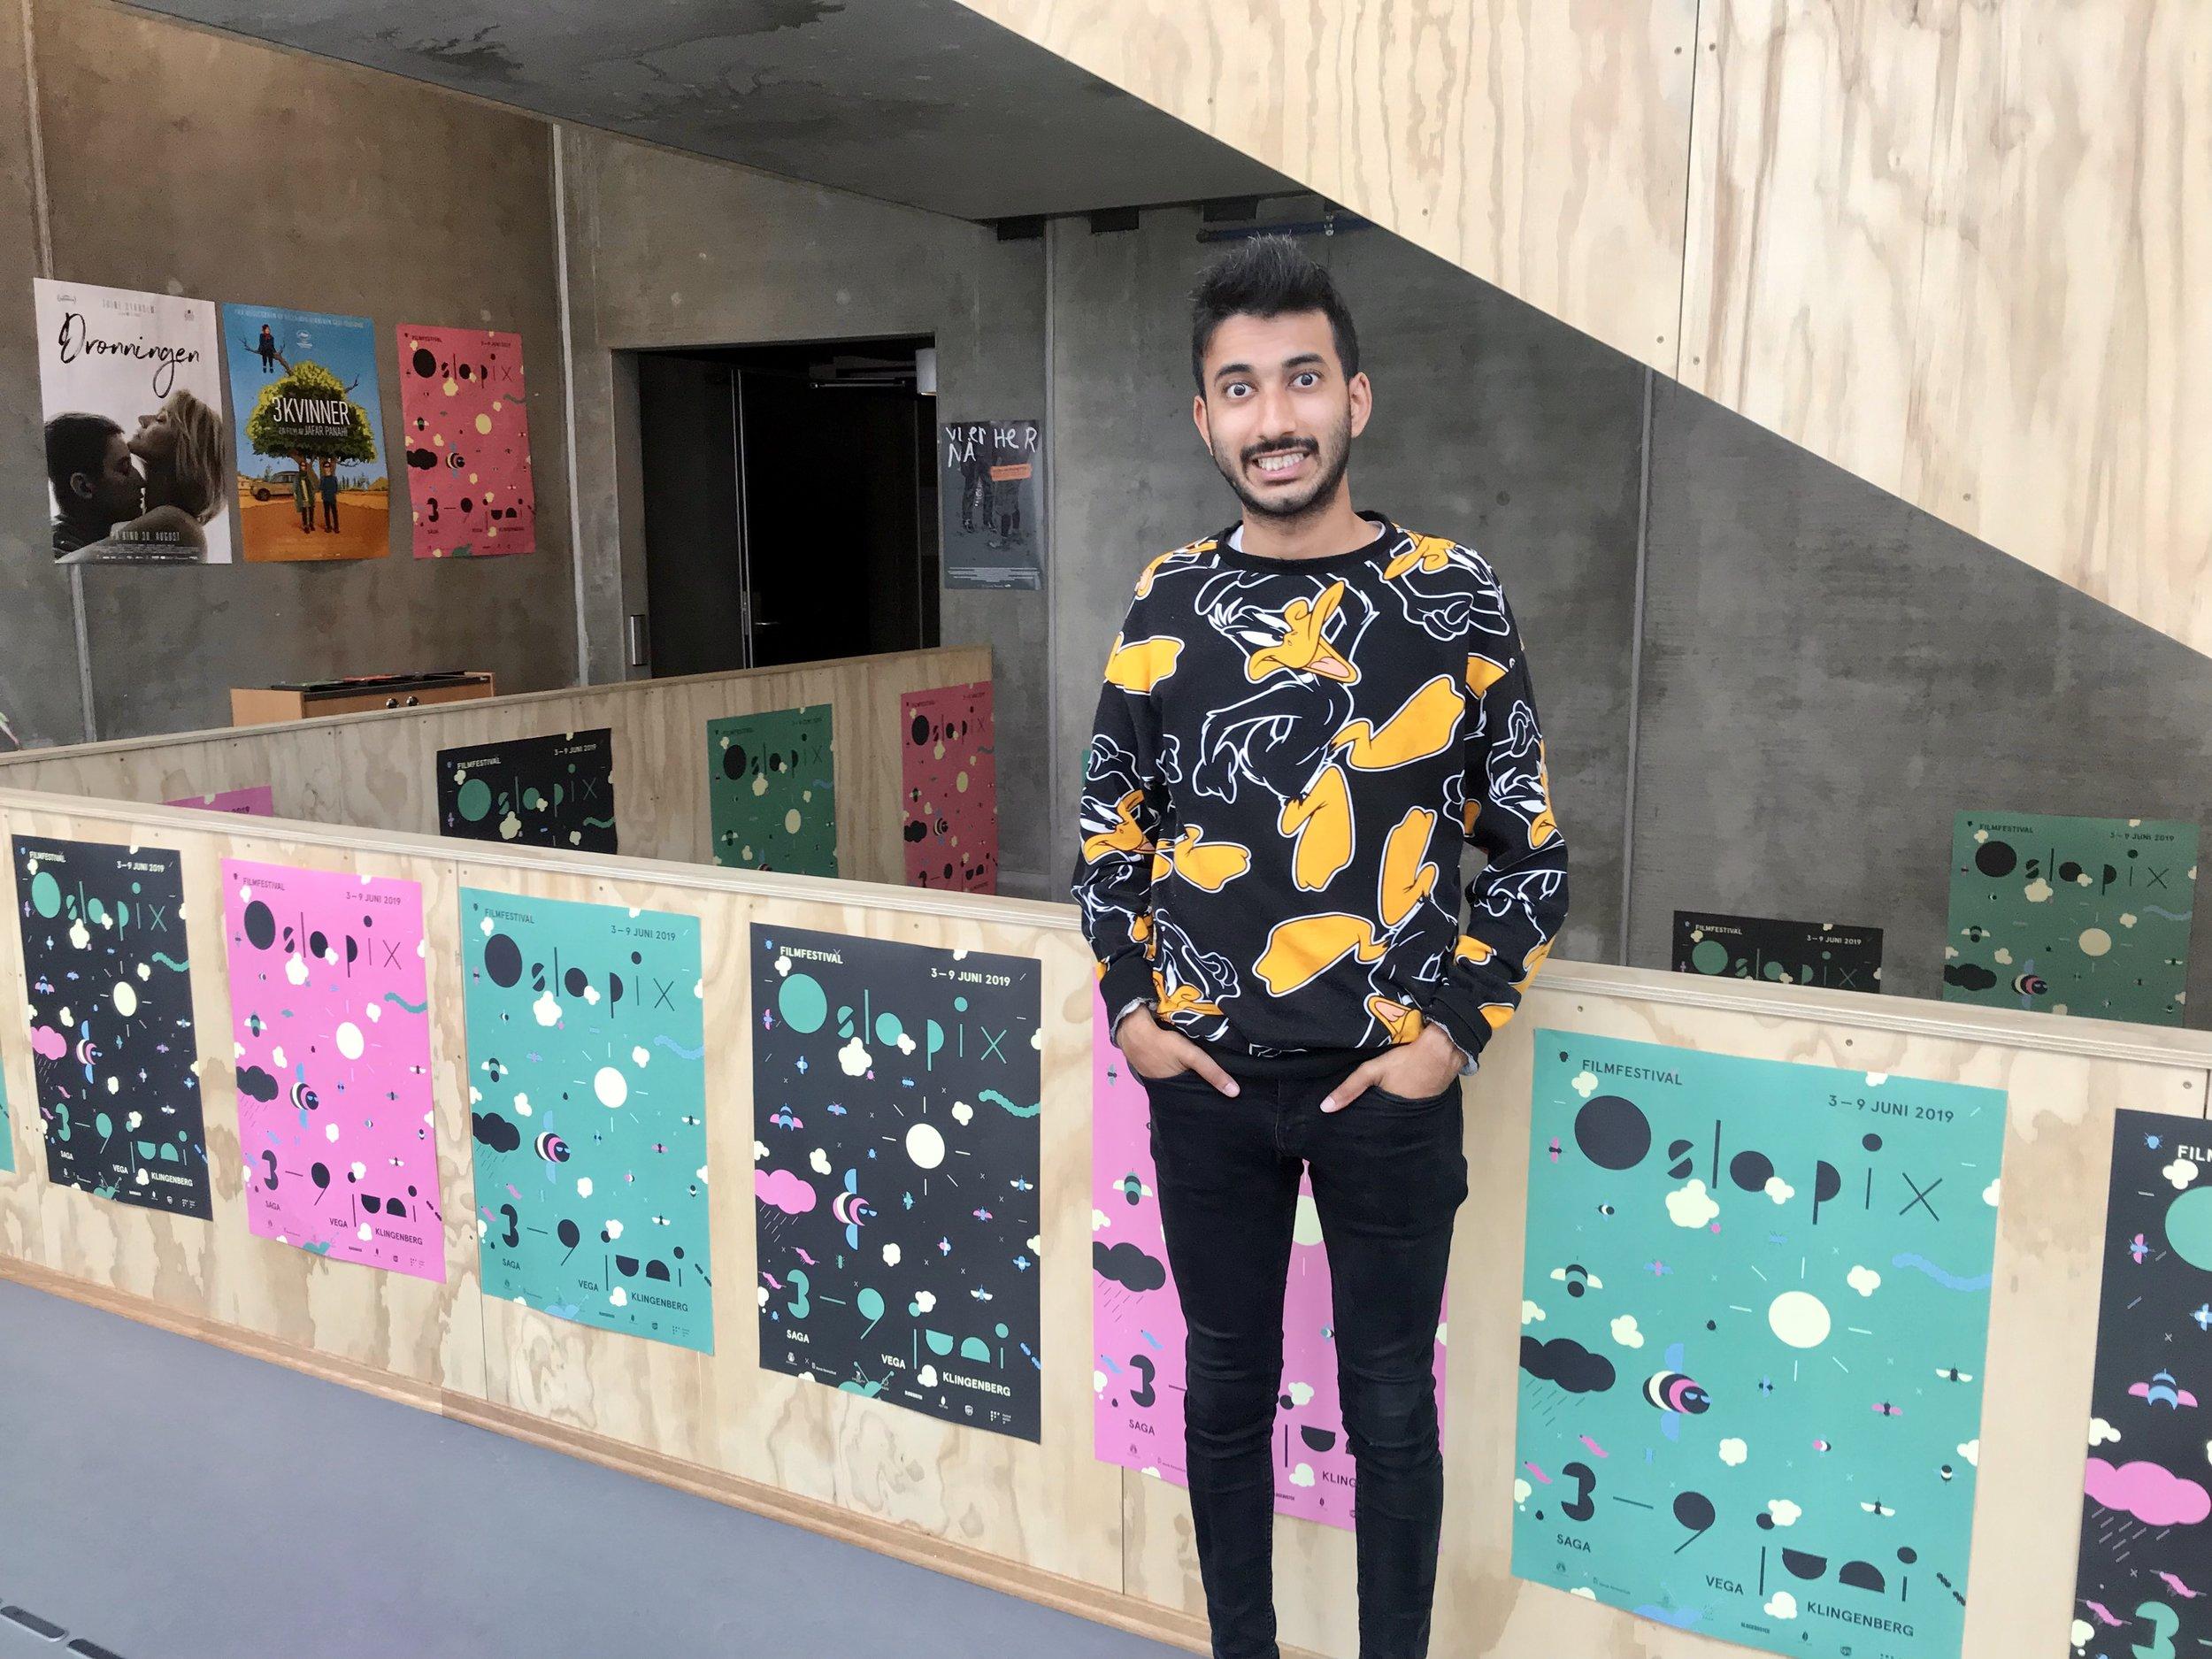 Den unge italienske filmskaperen Phaim Bhuiyan (23) besøker Oslo Pix Ung for å presentere sin debutfilm Bangla